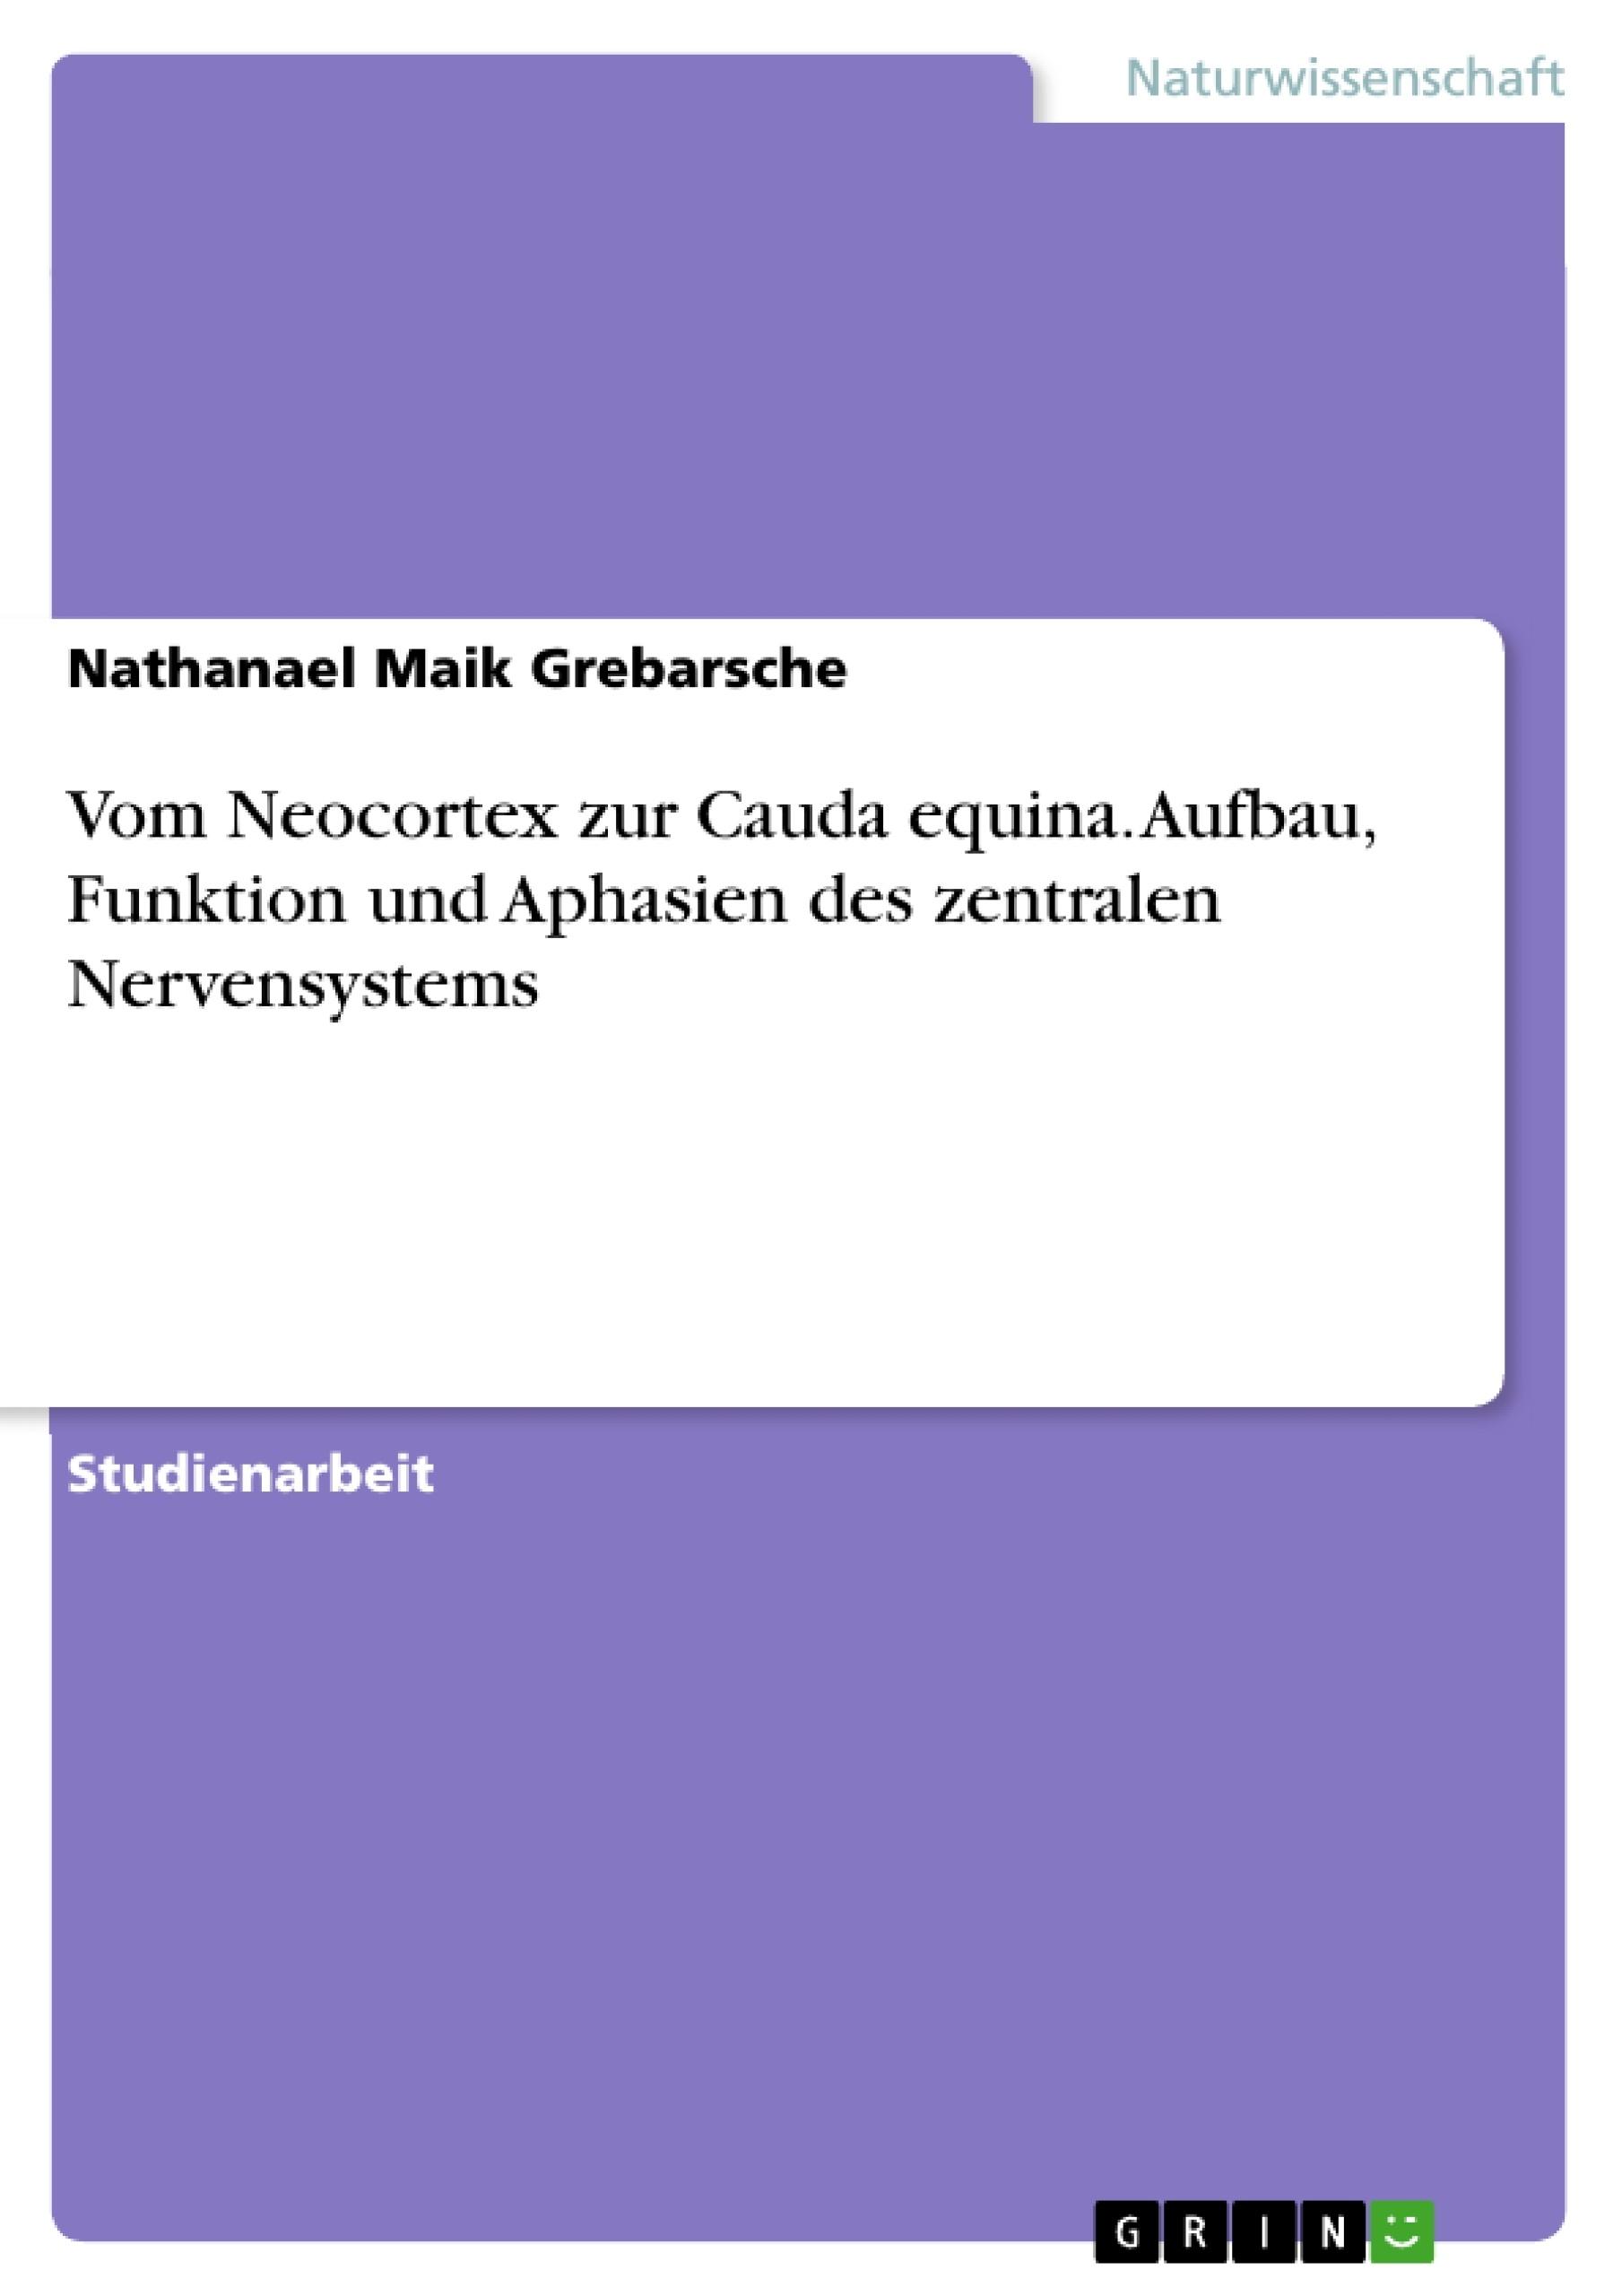 Titel: Vom Neocortex zur Cauda equina. Aufbau, Funktion und Aphasien des zentralen Nervensystems